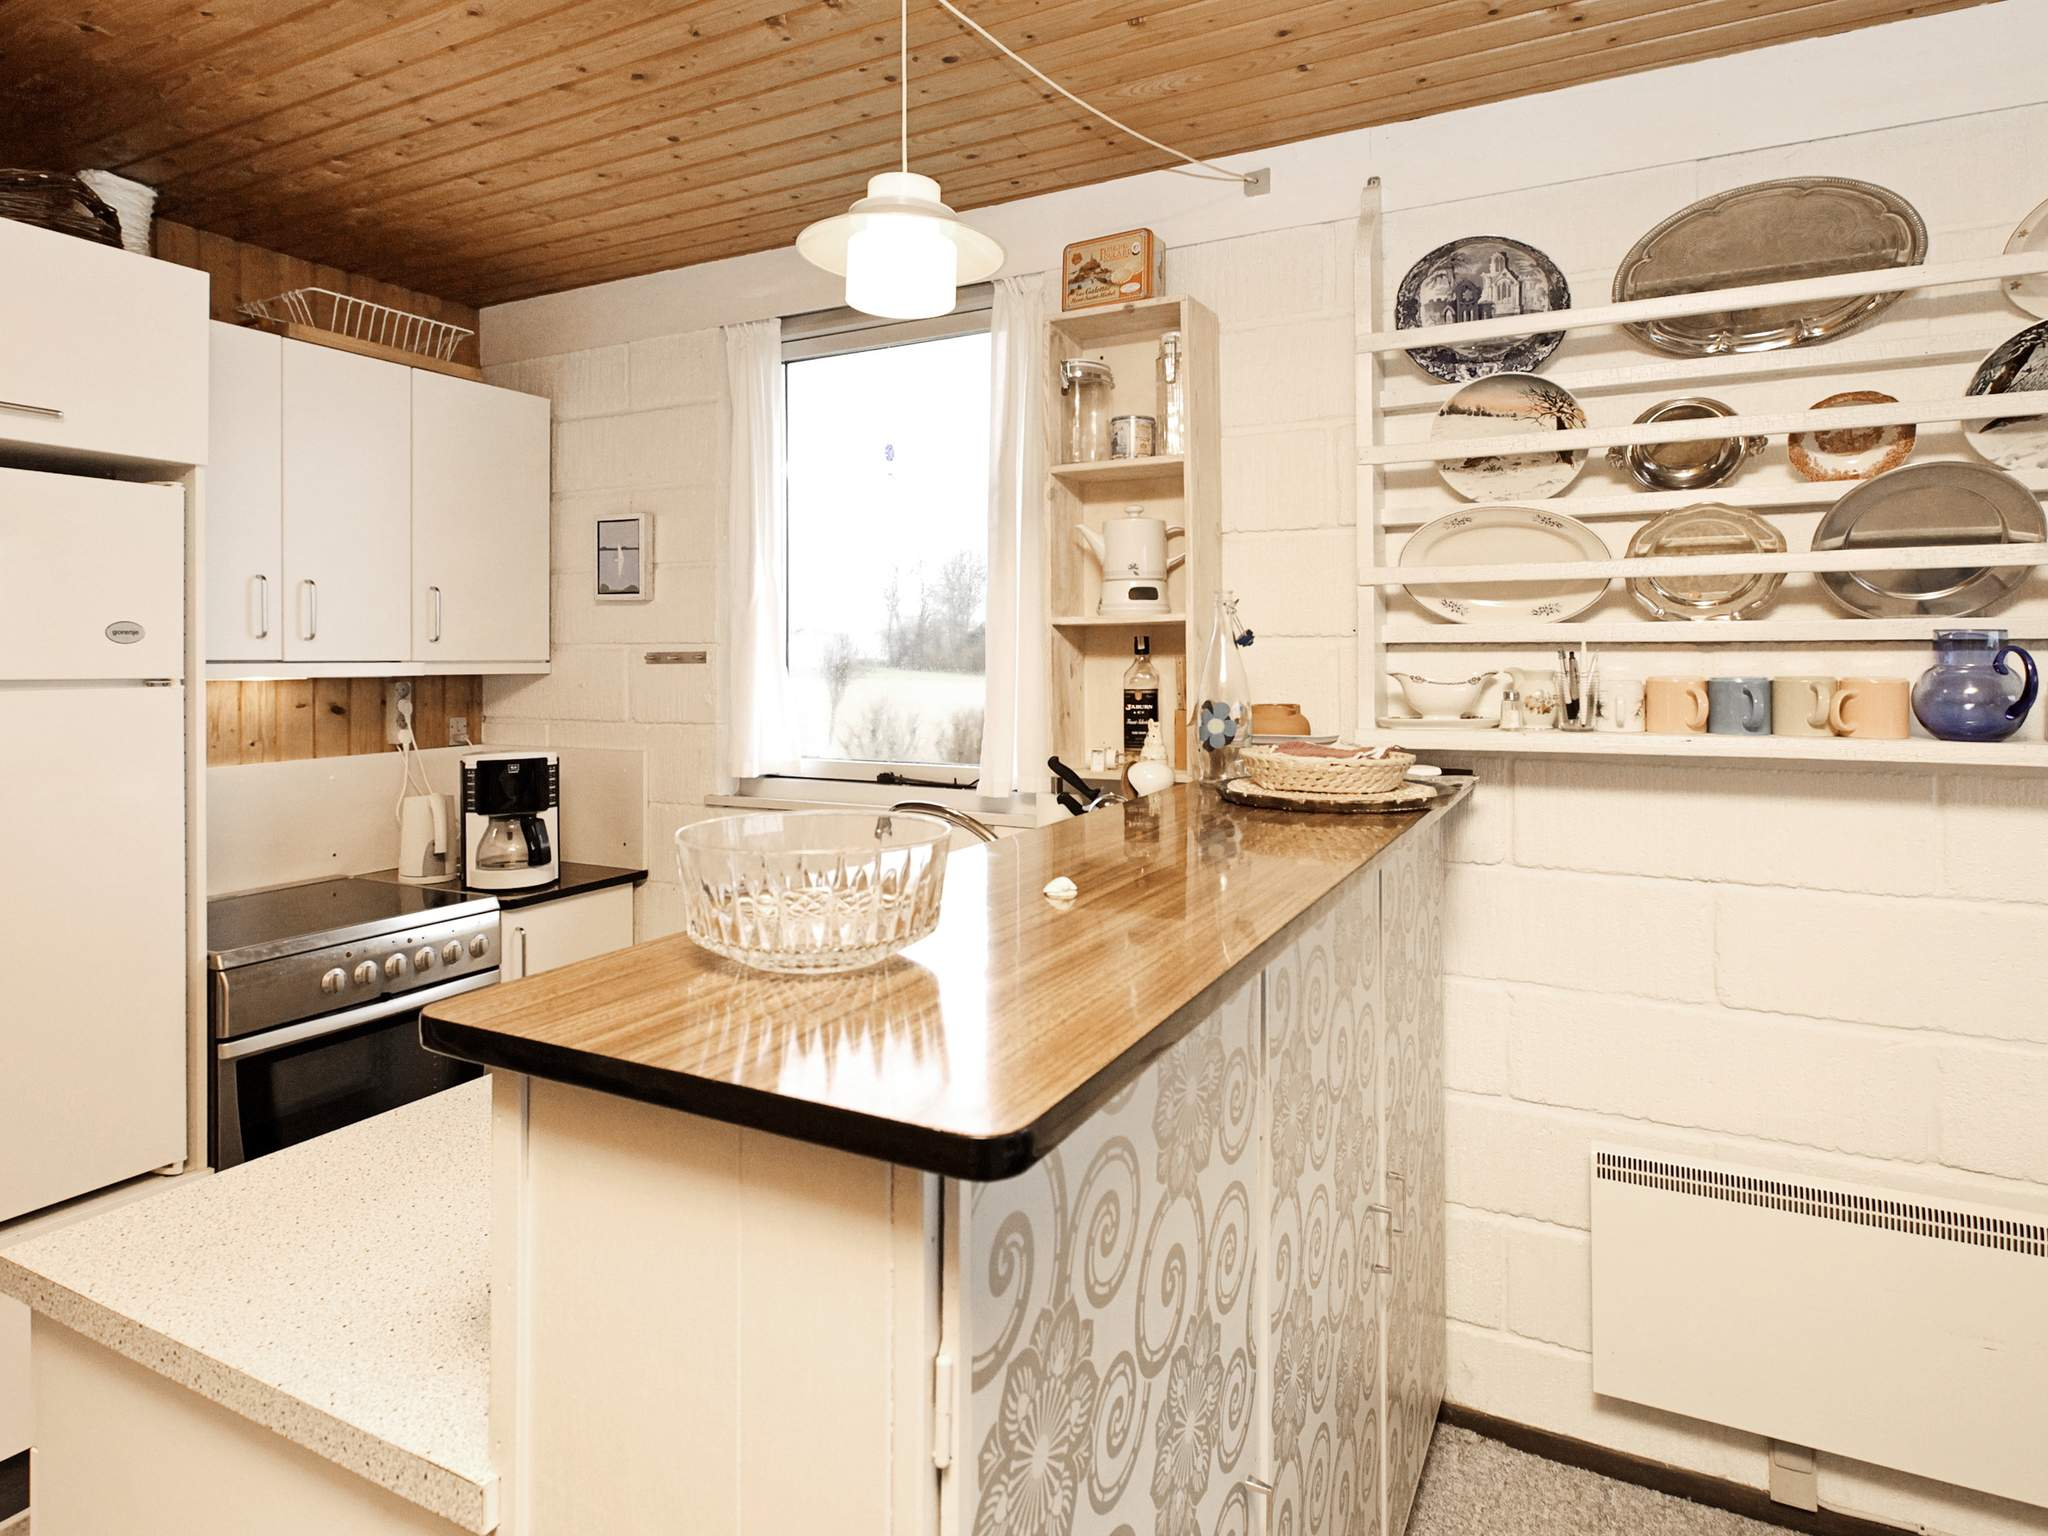 Ferienhaus Skyum Østerstrand (2355491), Skyum, , Limfjord, Dänemark, Bild 6